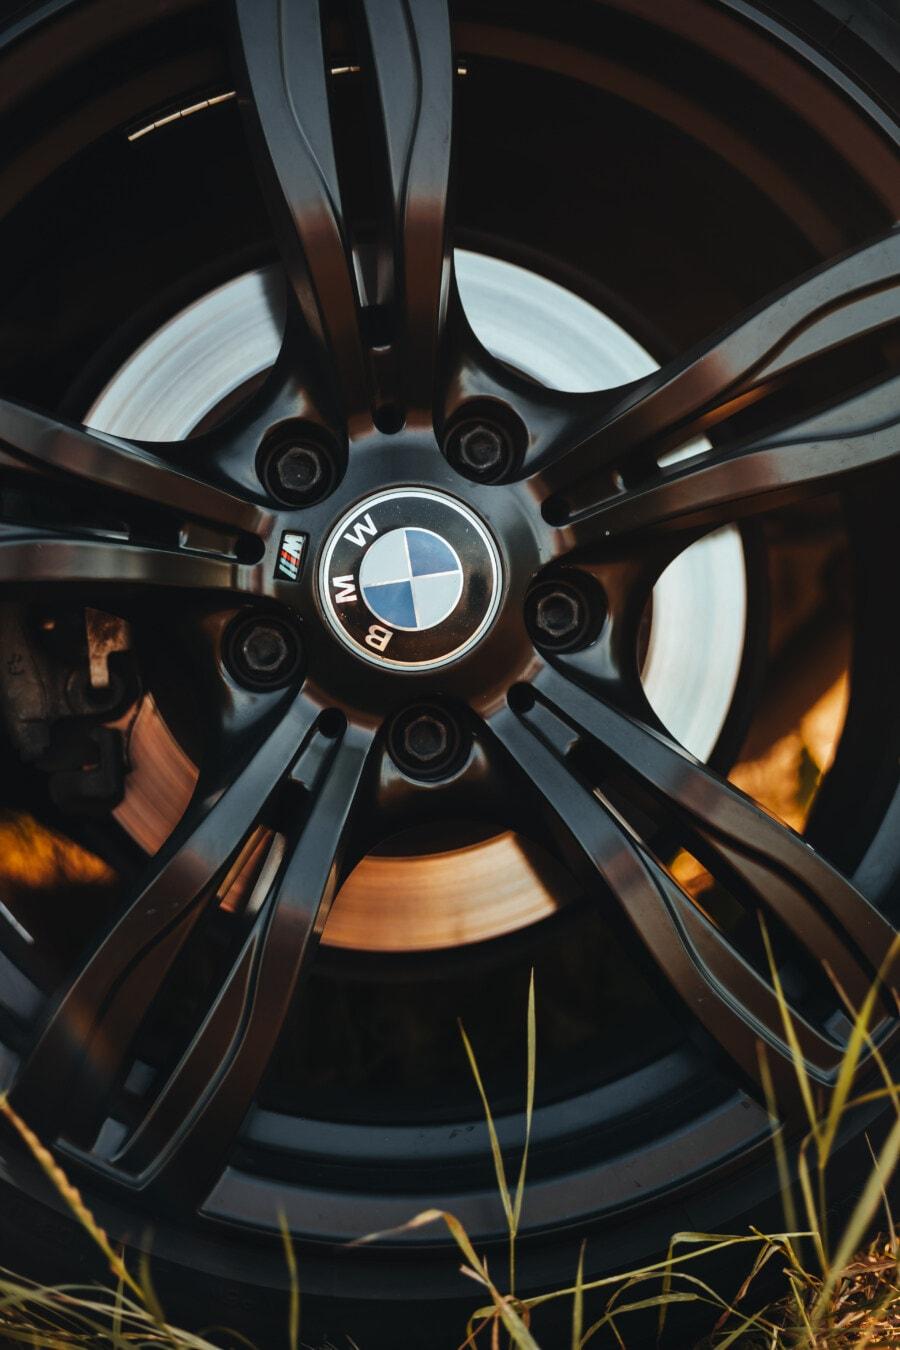 BMW, Reifen, Felge, Bremse, Festplatte, Zeichen, Symbol, Rad, Mechanismus, Auto